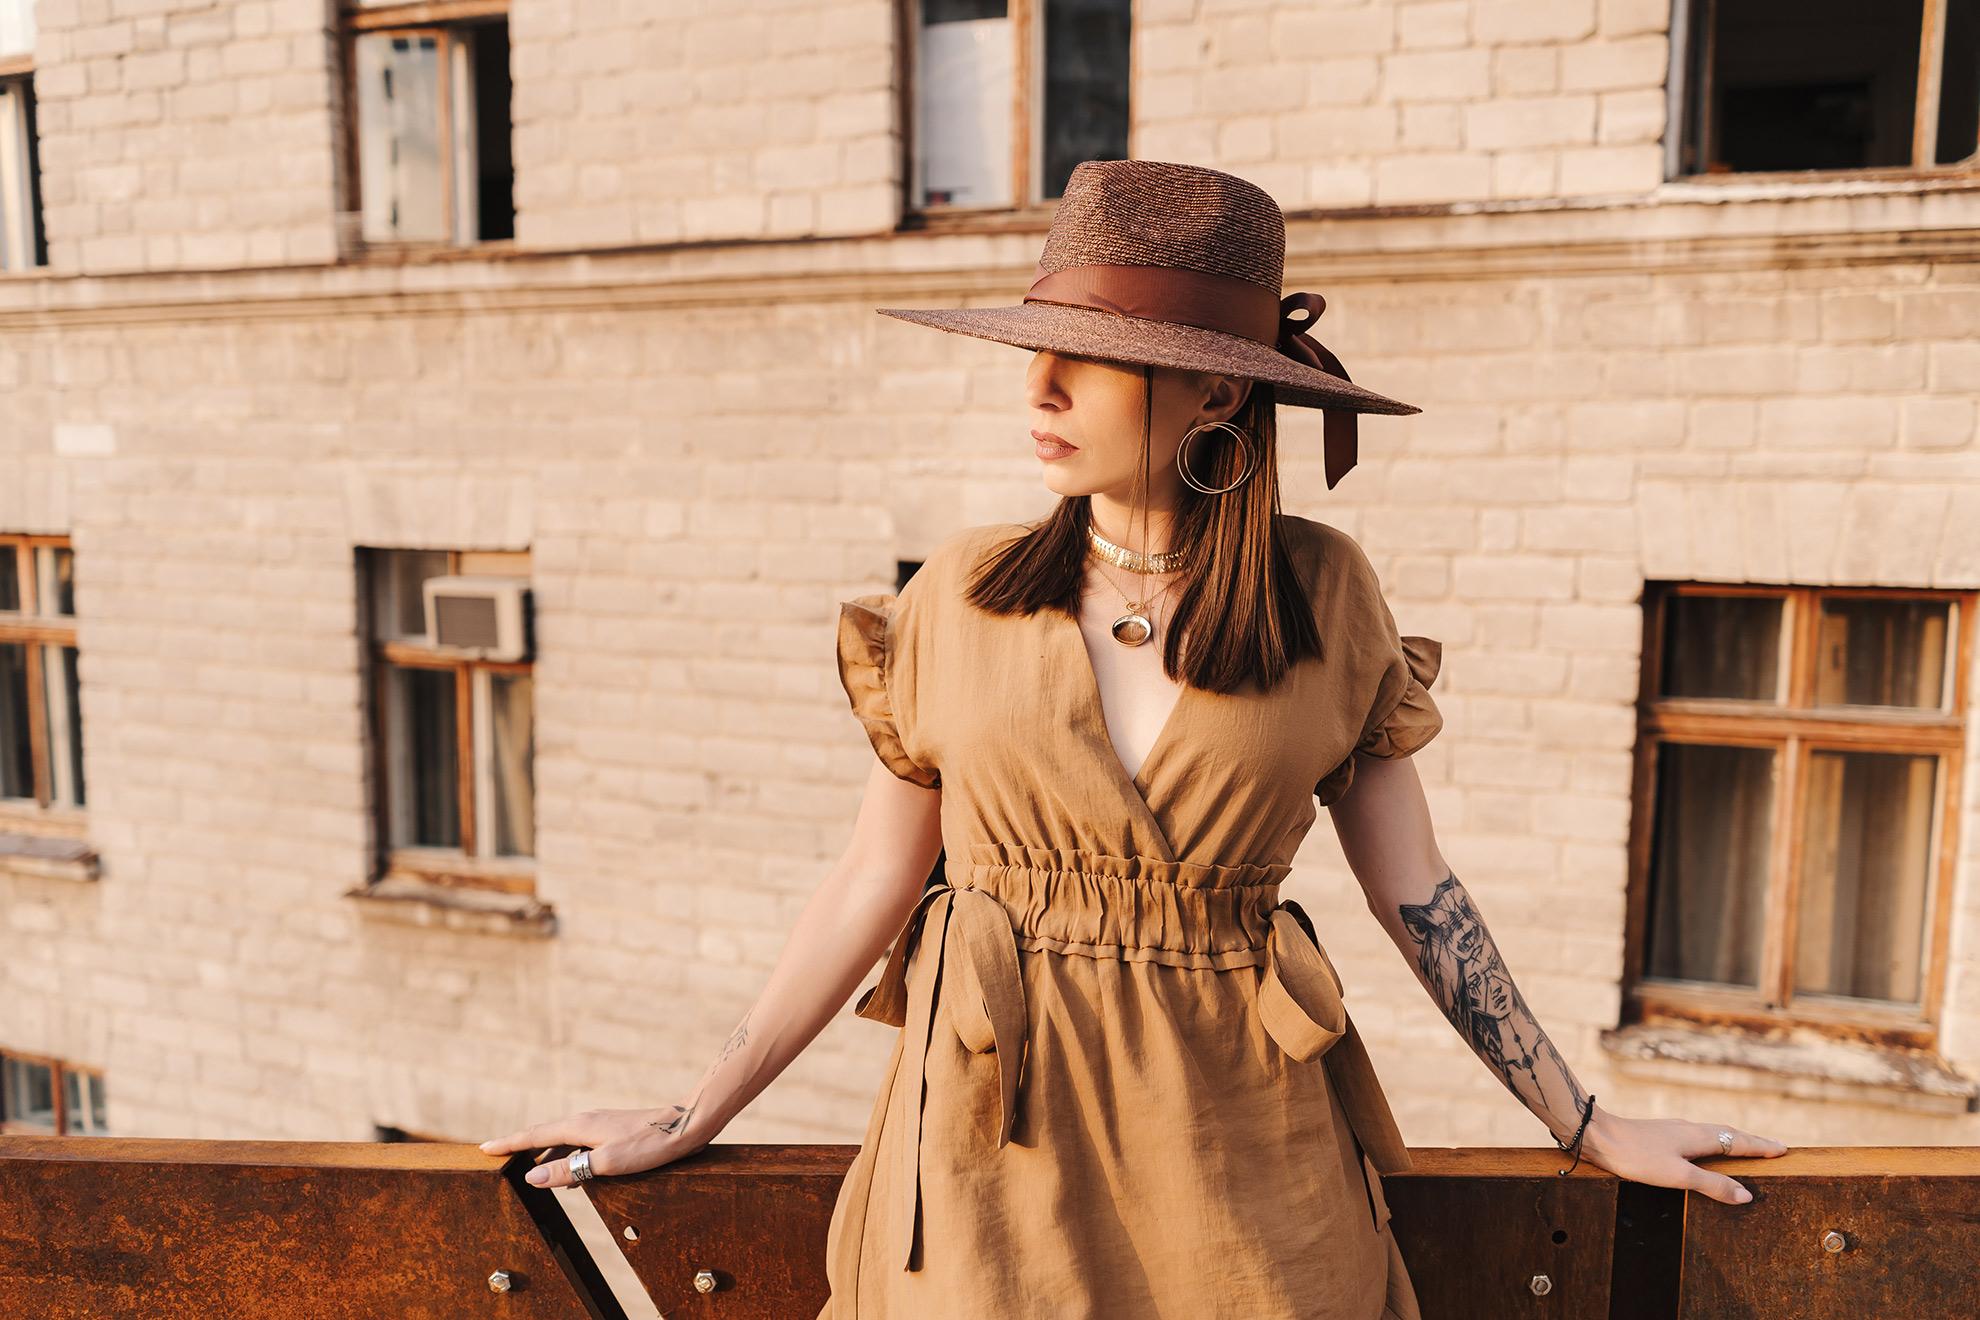 Kobieta w sukience, ilustracja do artykułu o trendach sukienek maxi